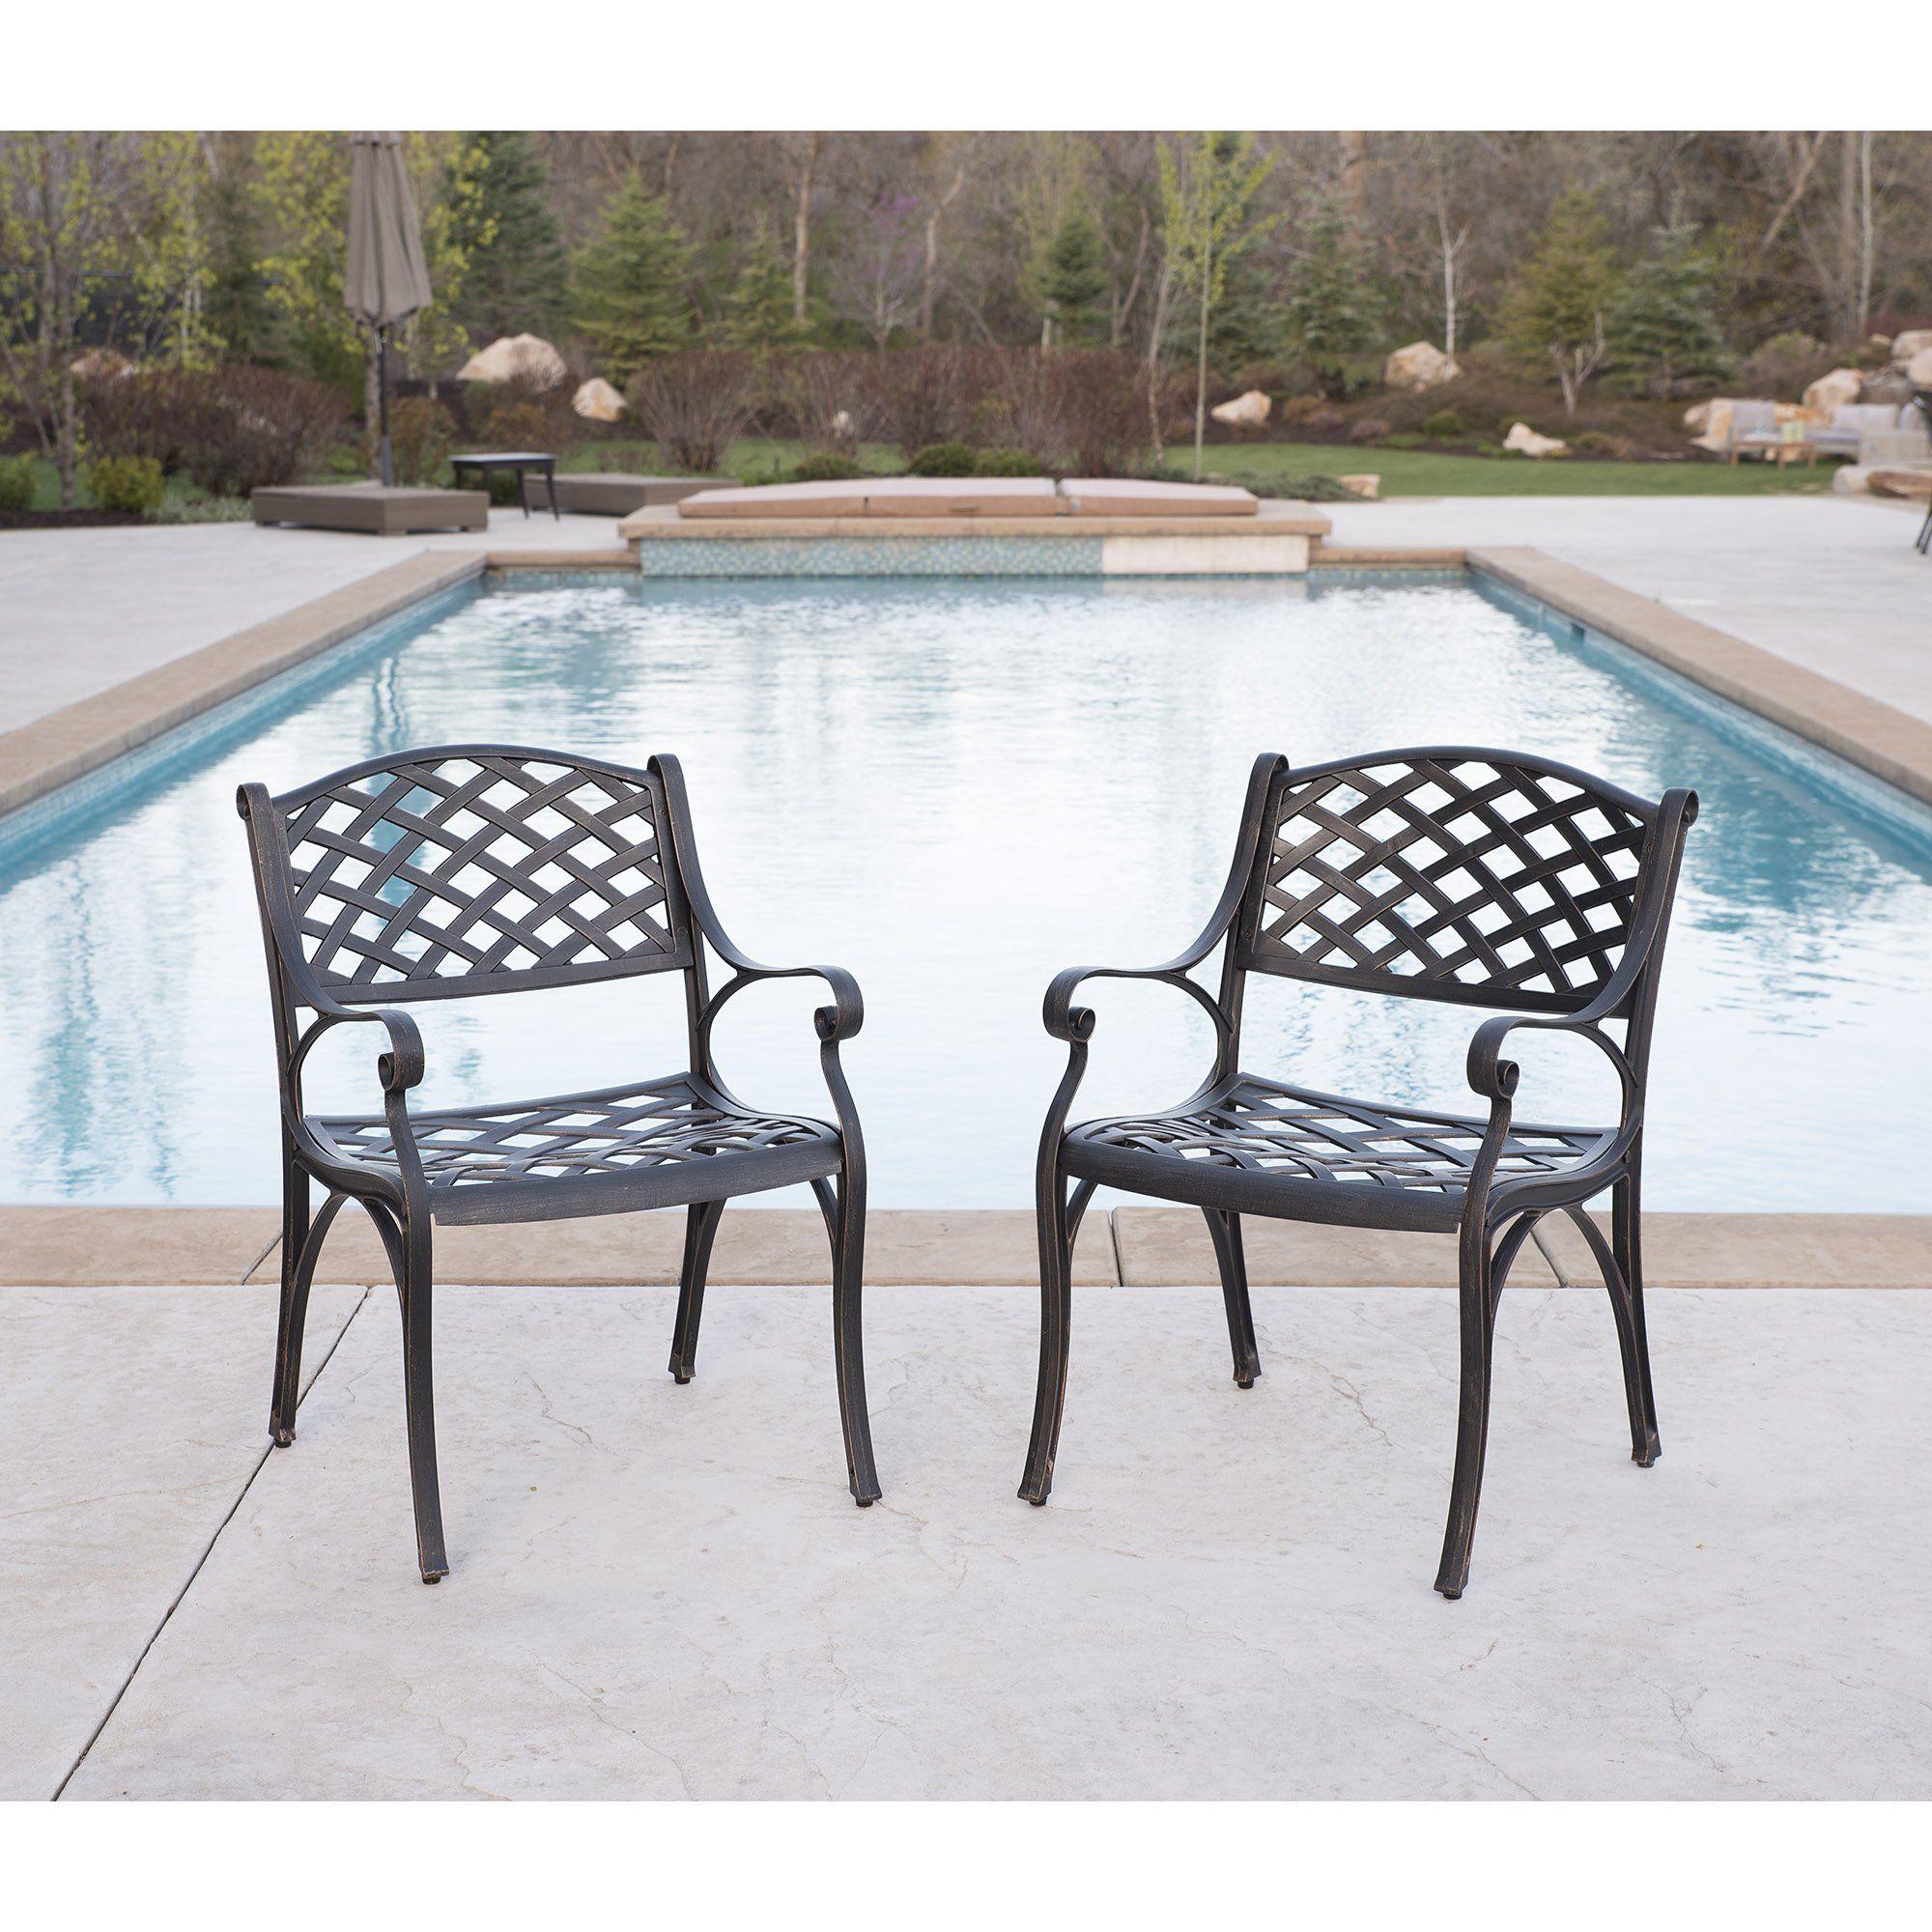 We Furniture Cast Aluminum Patio Chairs Set Of 2 Antique Bronze